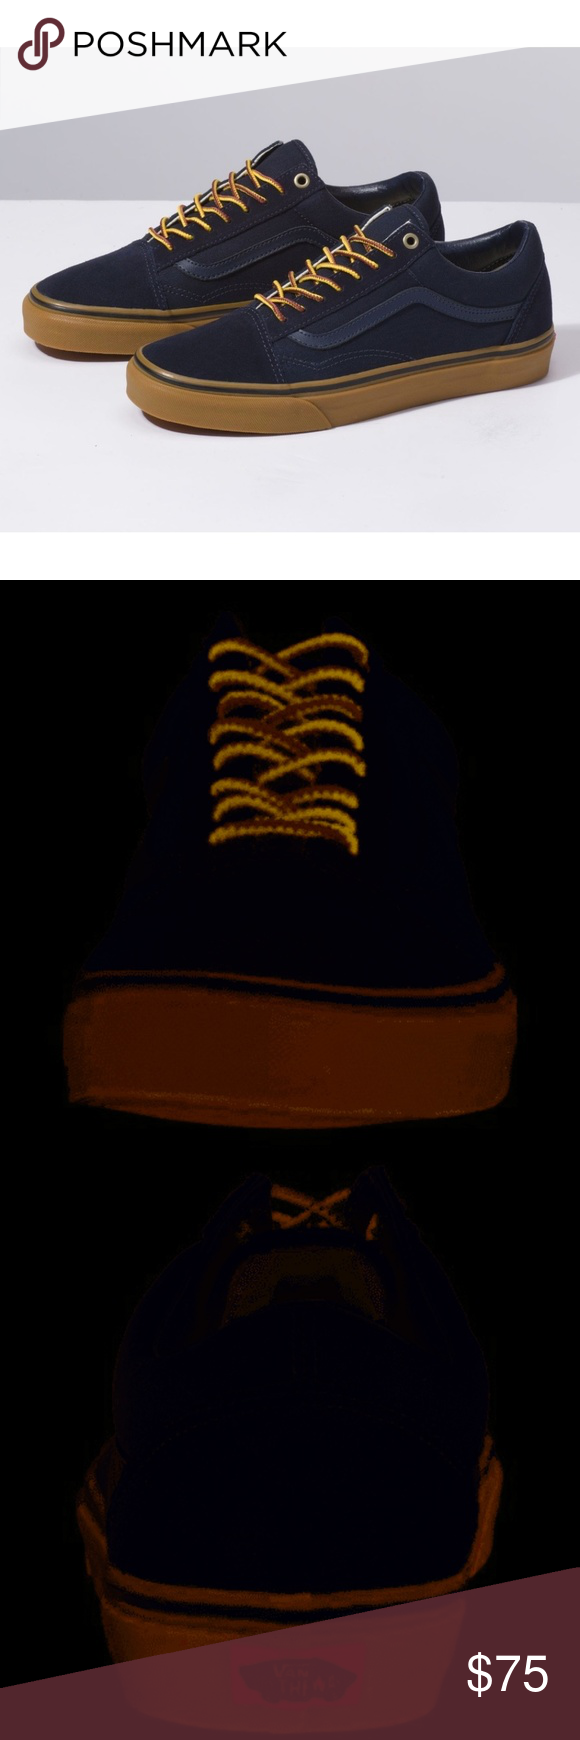 sky captain boot lace vans